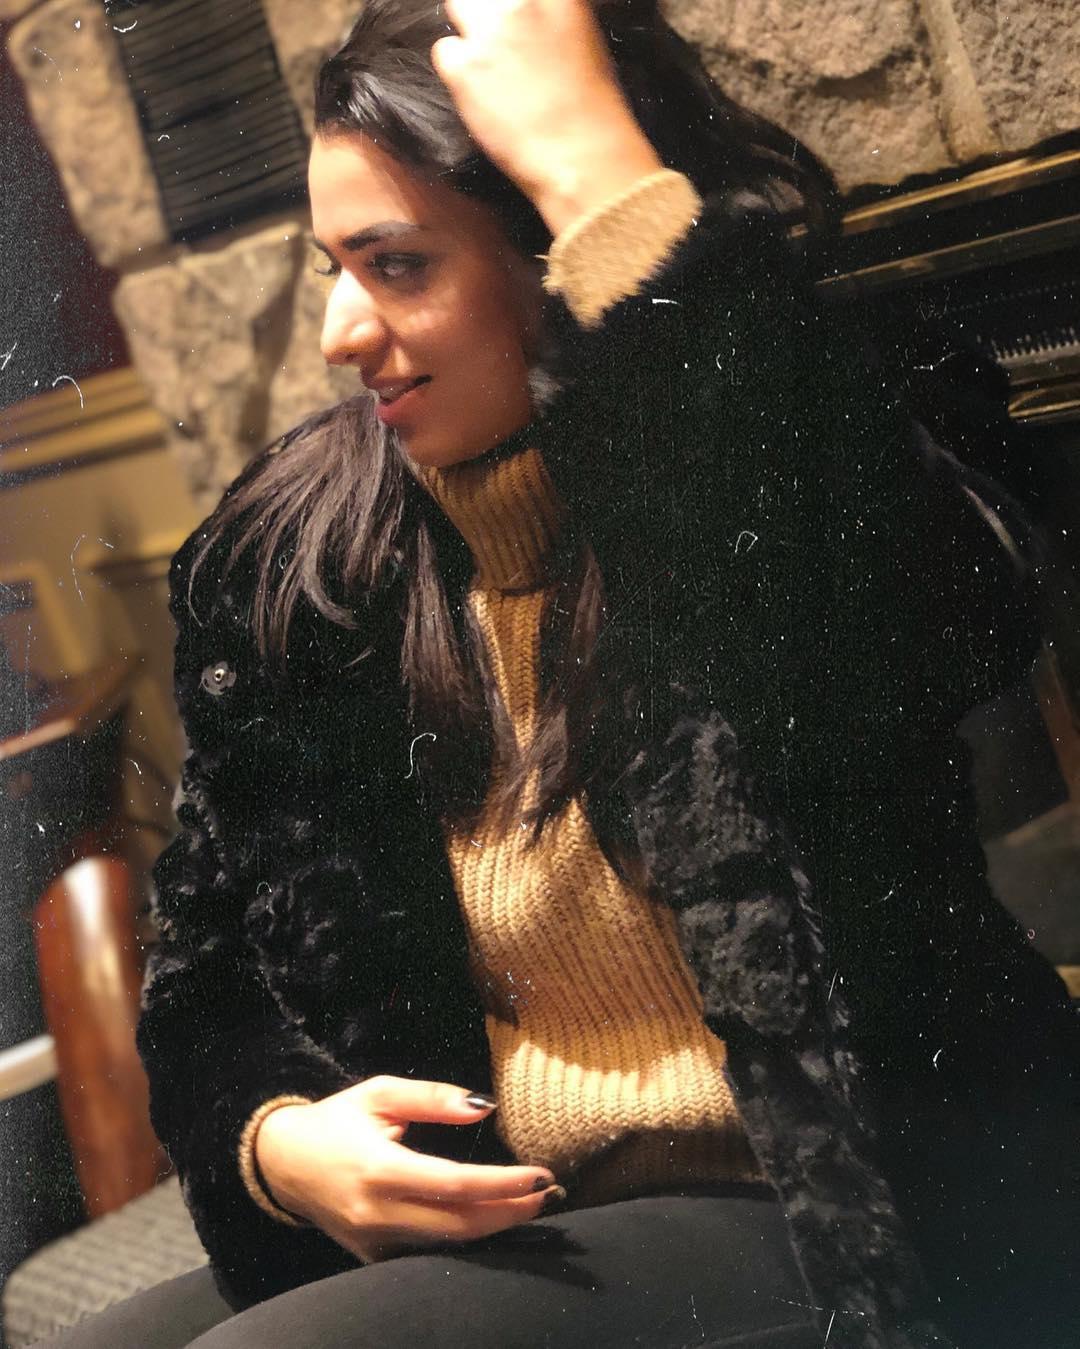 khaki doudou coat de Les Bourgeoises sur shinesuun_